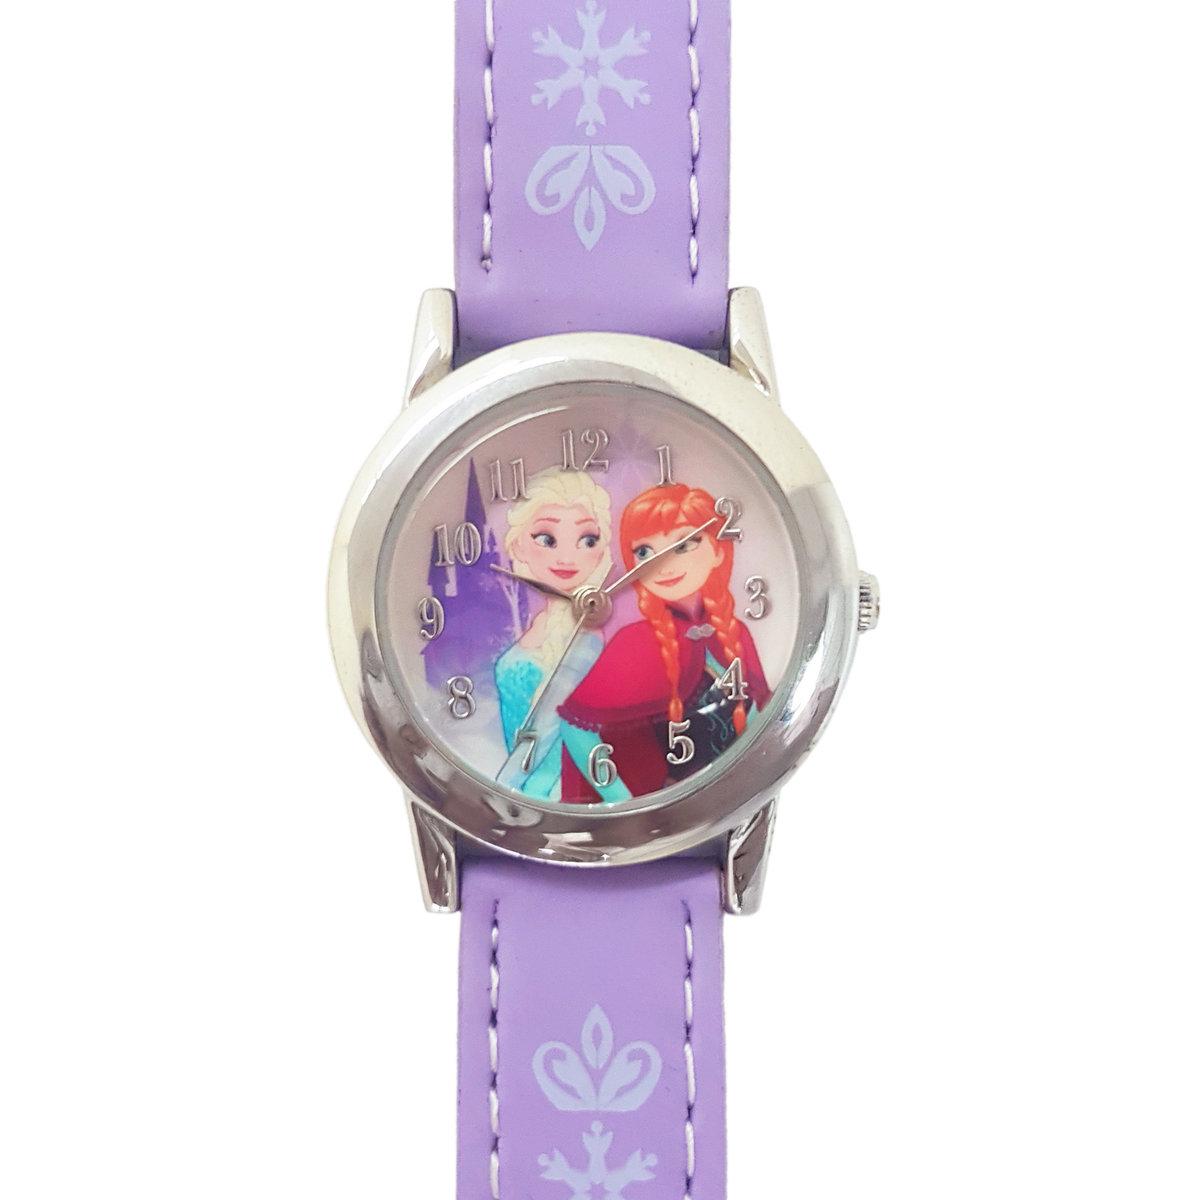 DISNEY FROZEN - Kids wrist watch - Purple color (Licensed by Disney)